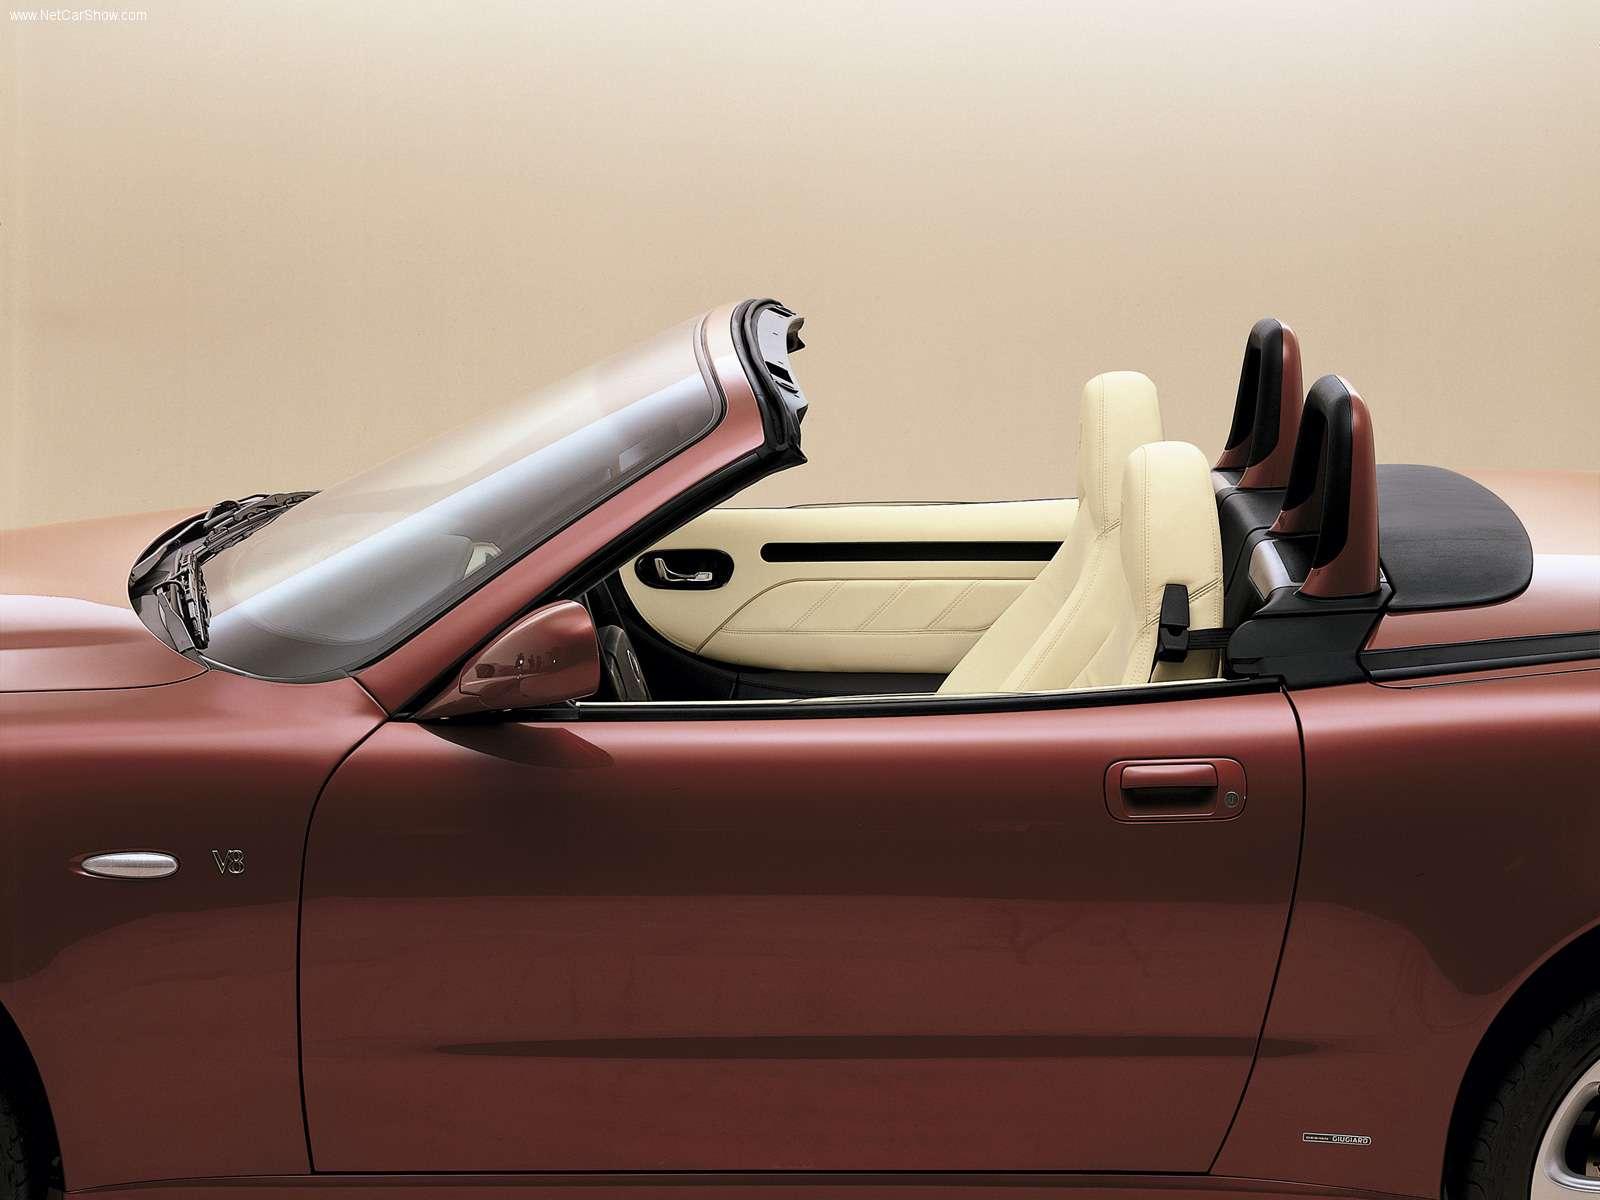 Hình ảnh siêu xe Maserati Spyder 2003 & nội ngoại thất